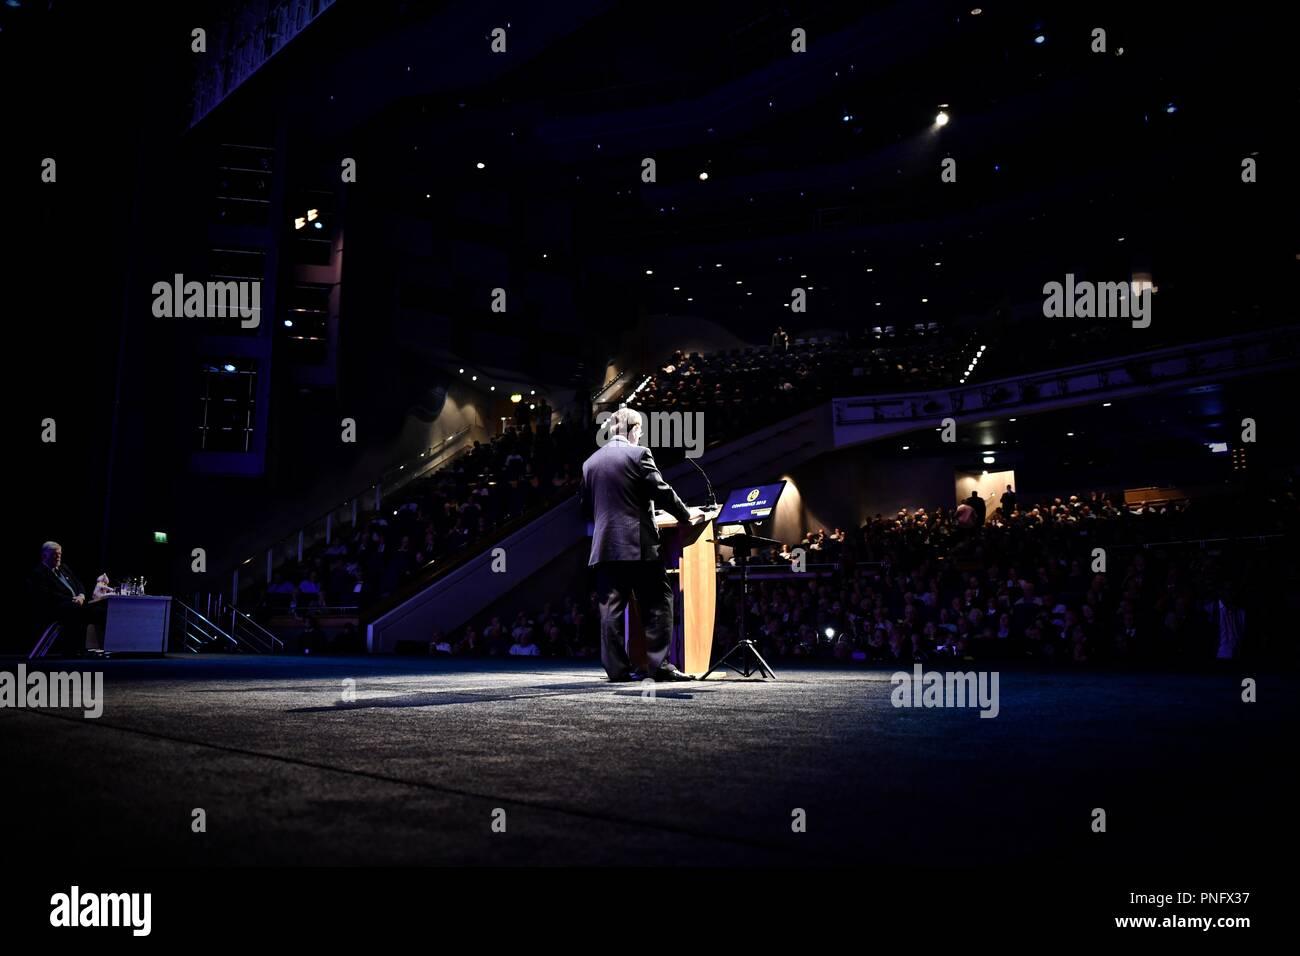 Birmingham ICC Deutschland - 21. September 2018 - die UKIP Partei Konferenz: eine Sammlung von Aufnahmen aus ukips jährliche Konferenz, einschließlich Gerard Batten und Zählen Dancula. Credit: Stuart Mitchell/Incmonocle/Alamy Live Stockbild